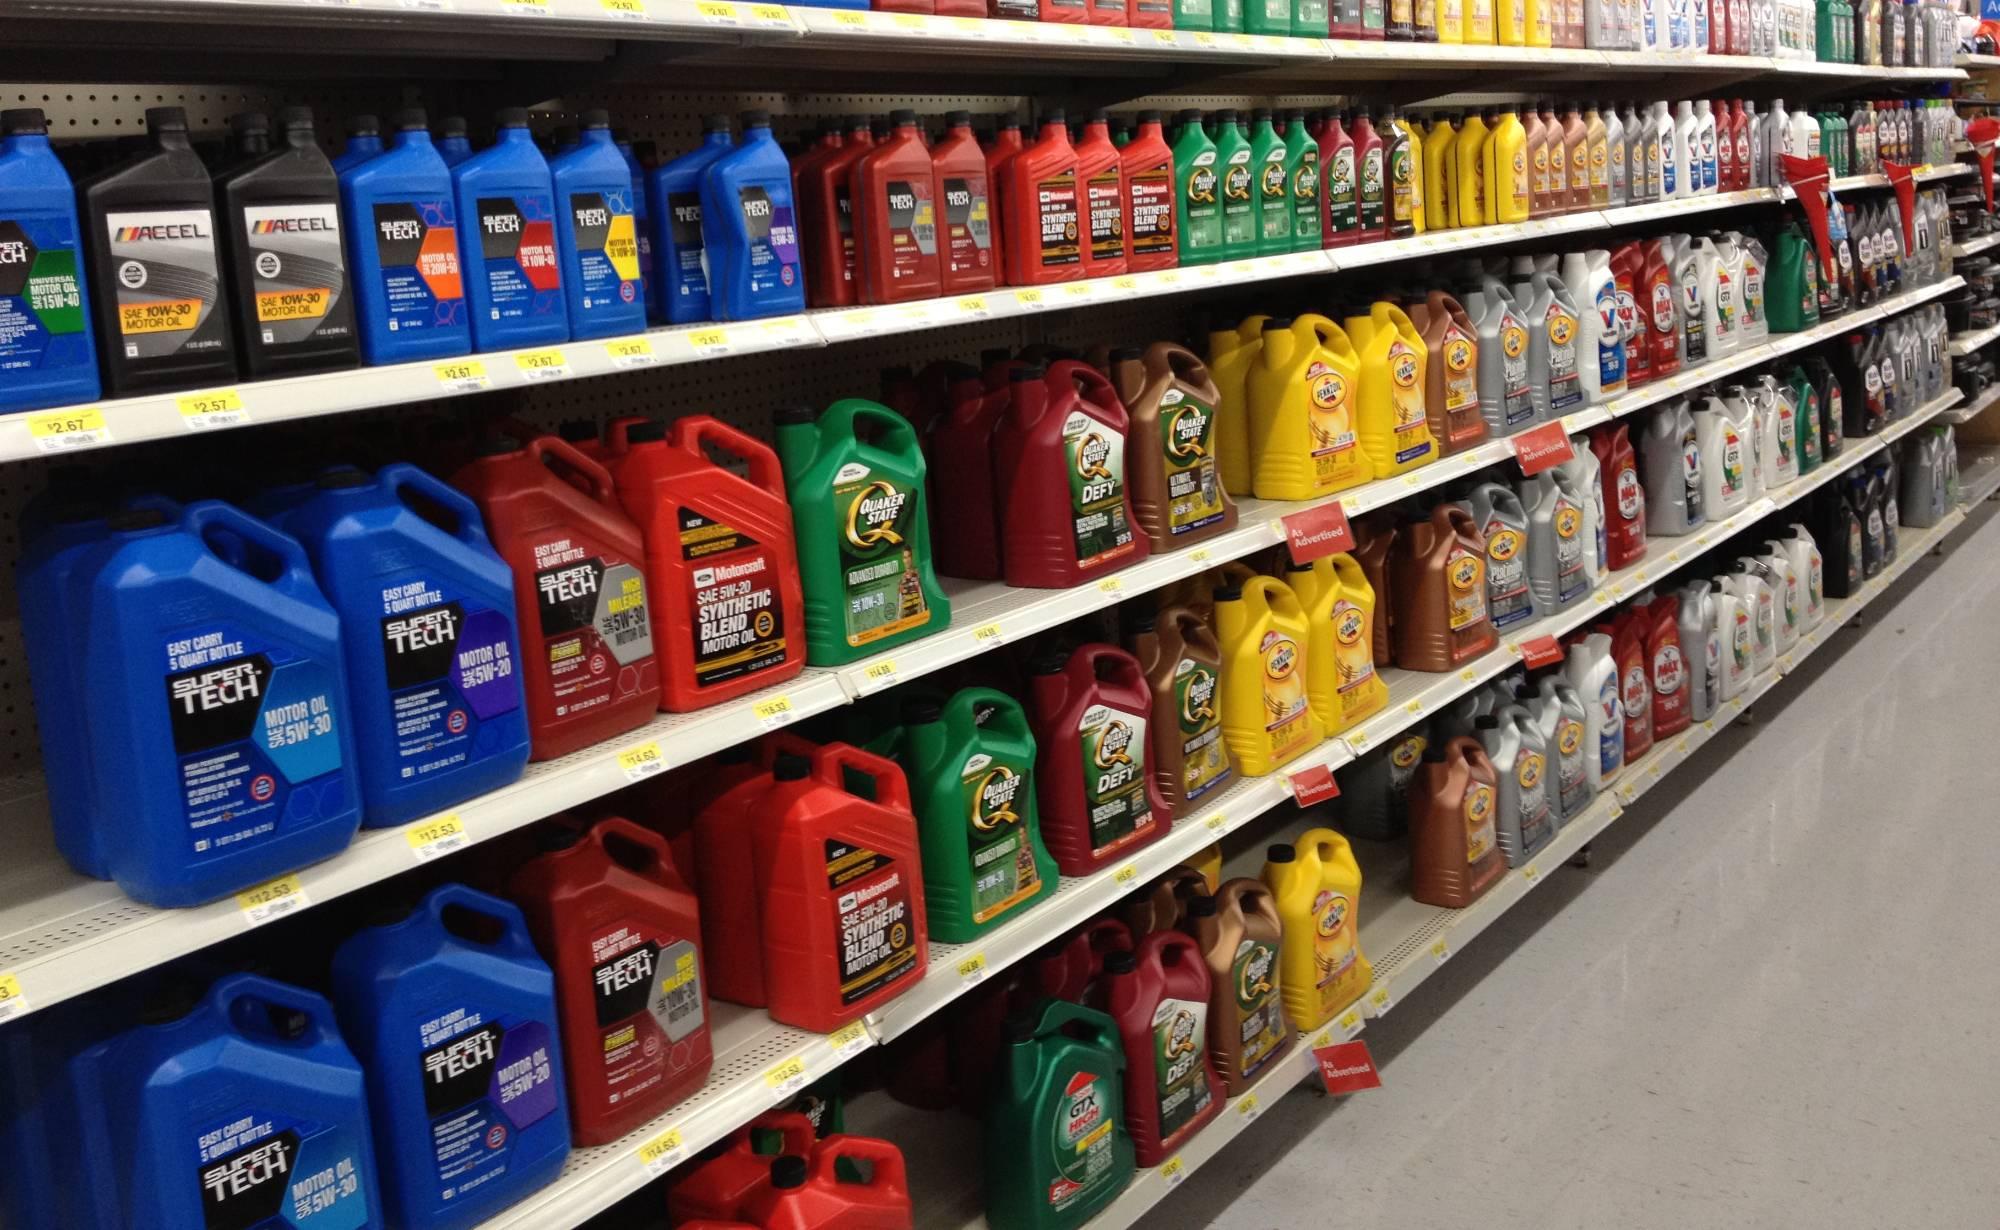 выбор масла в магазине из всего многообразия